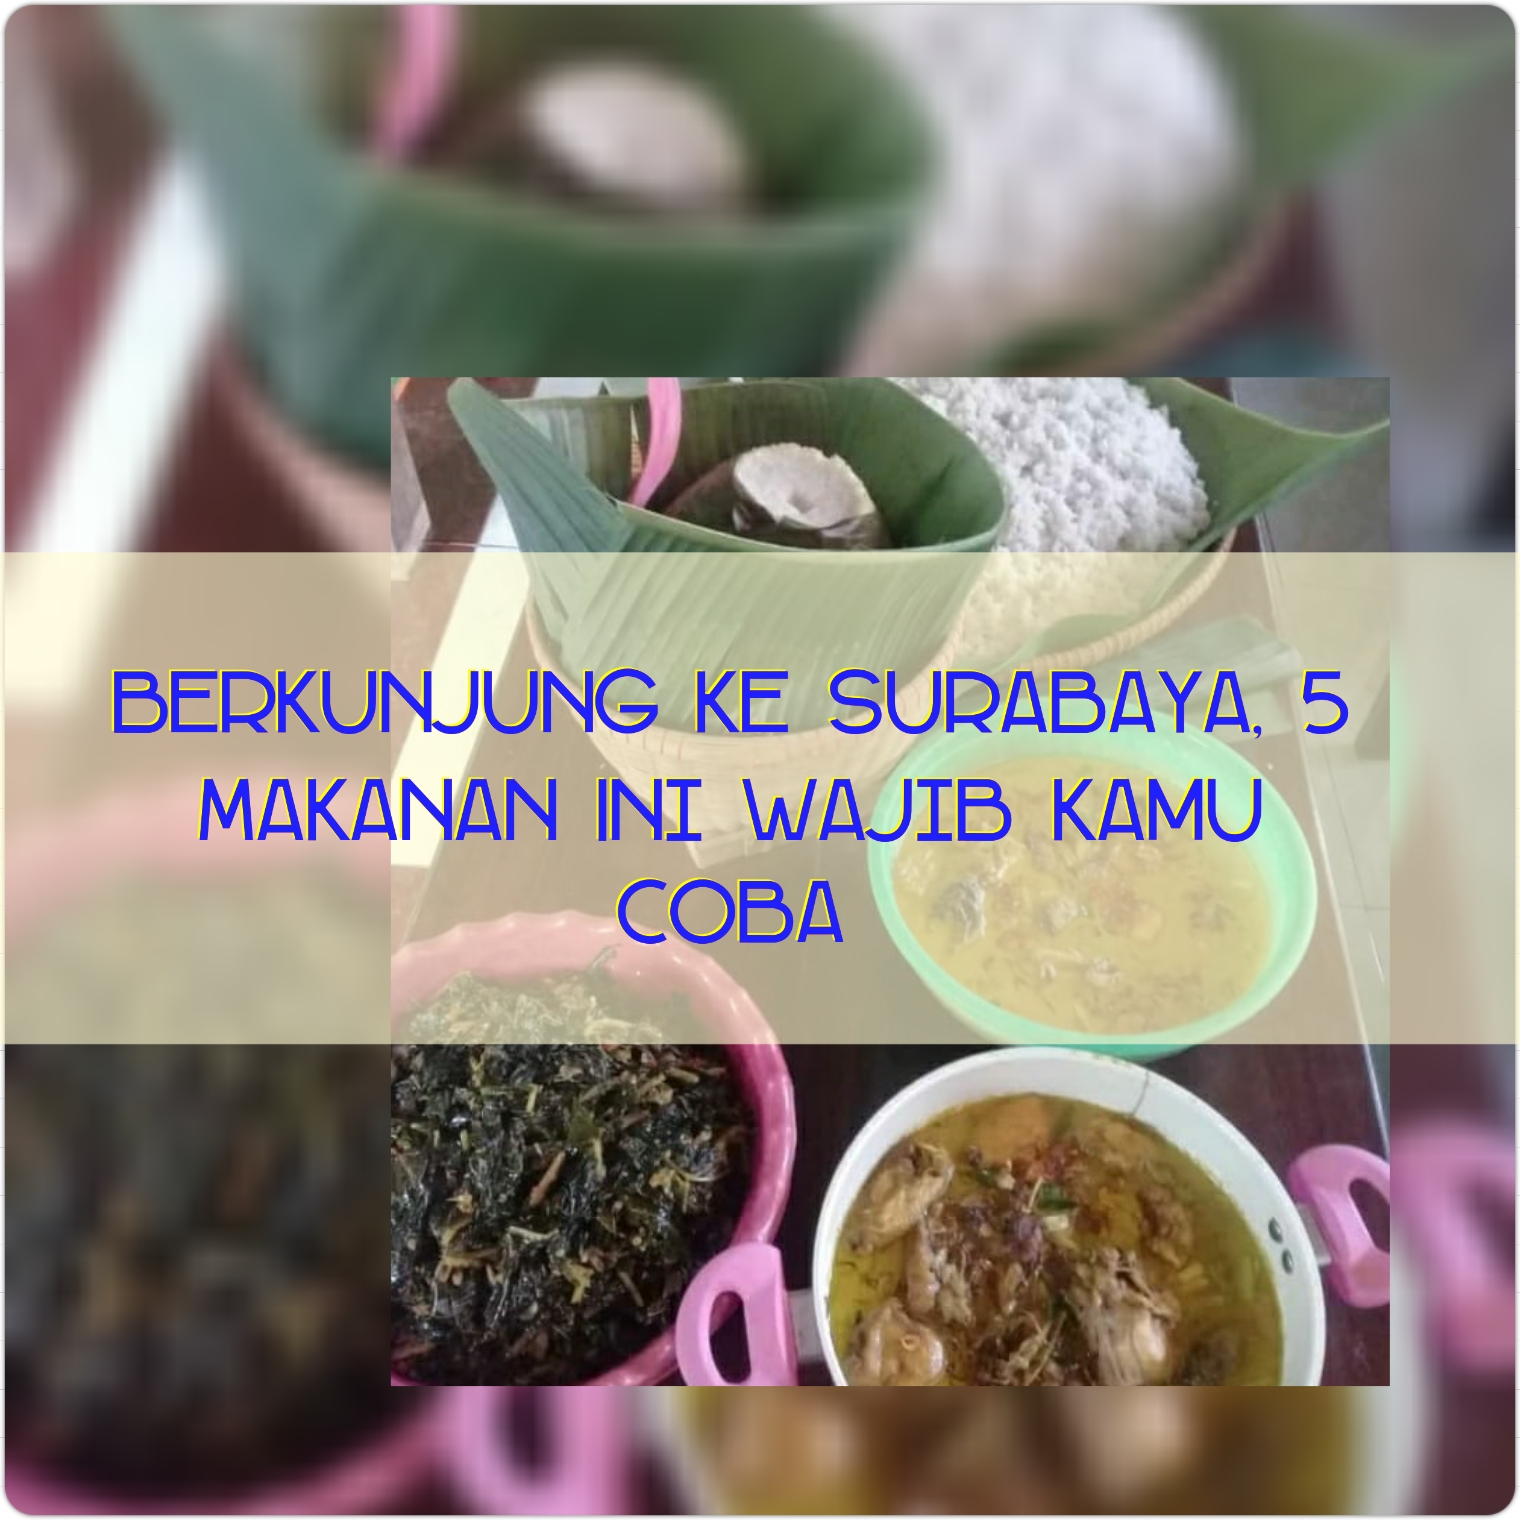 Makanan Khas Surabaya, Rawon, Spikoe, Spiku